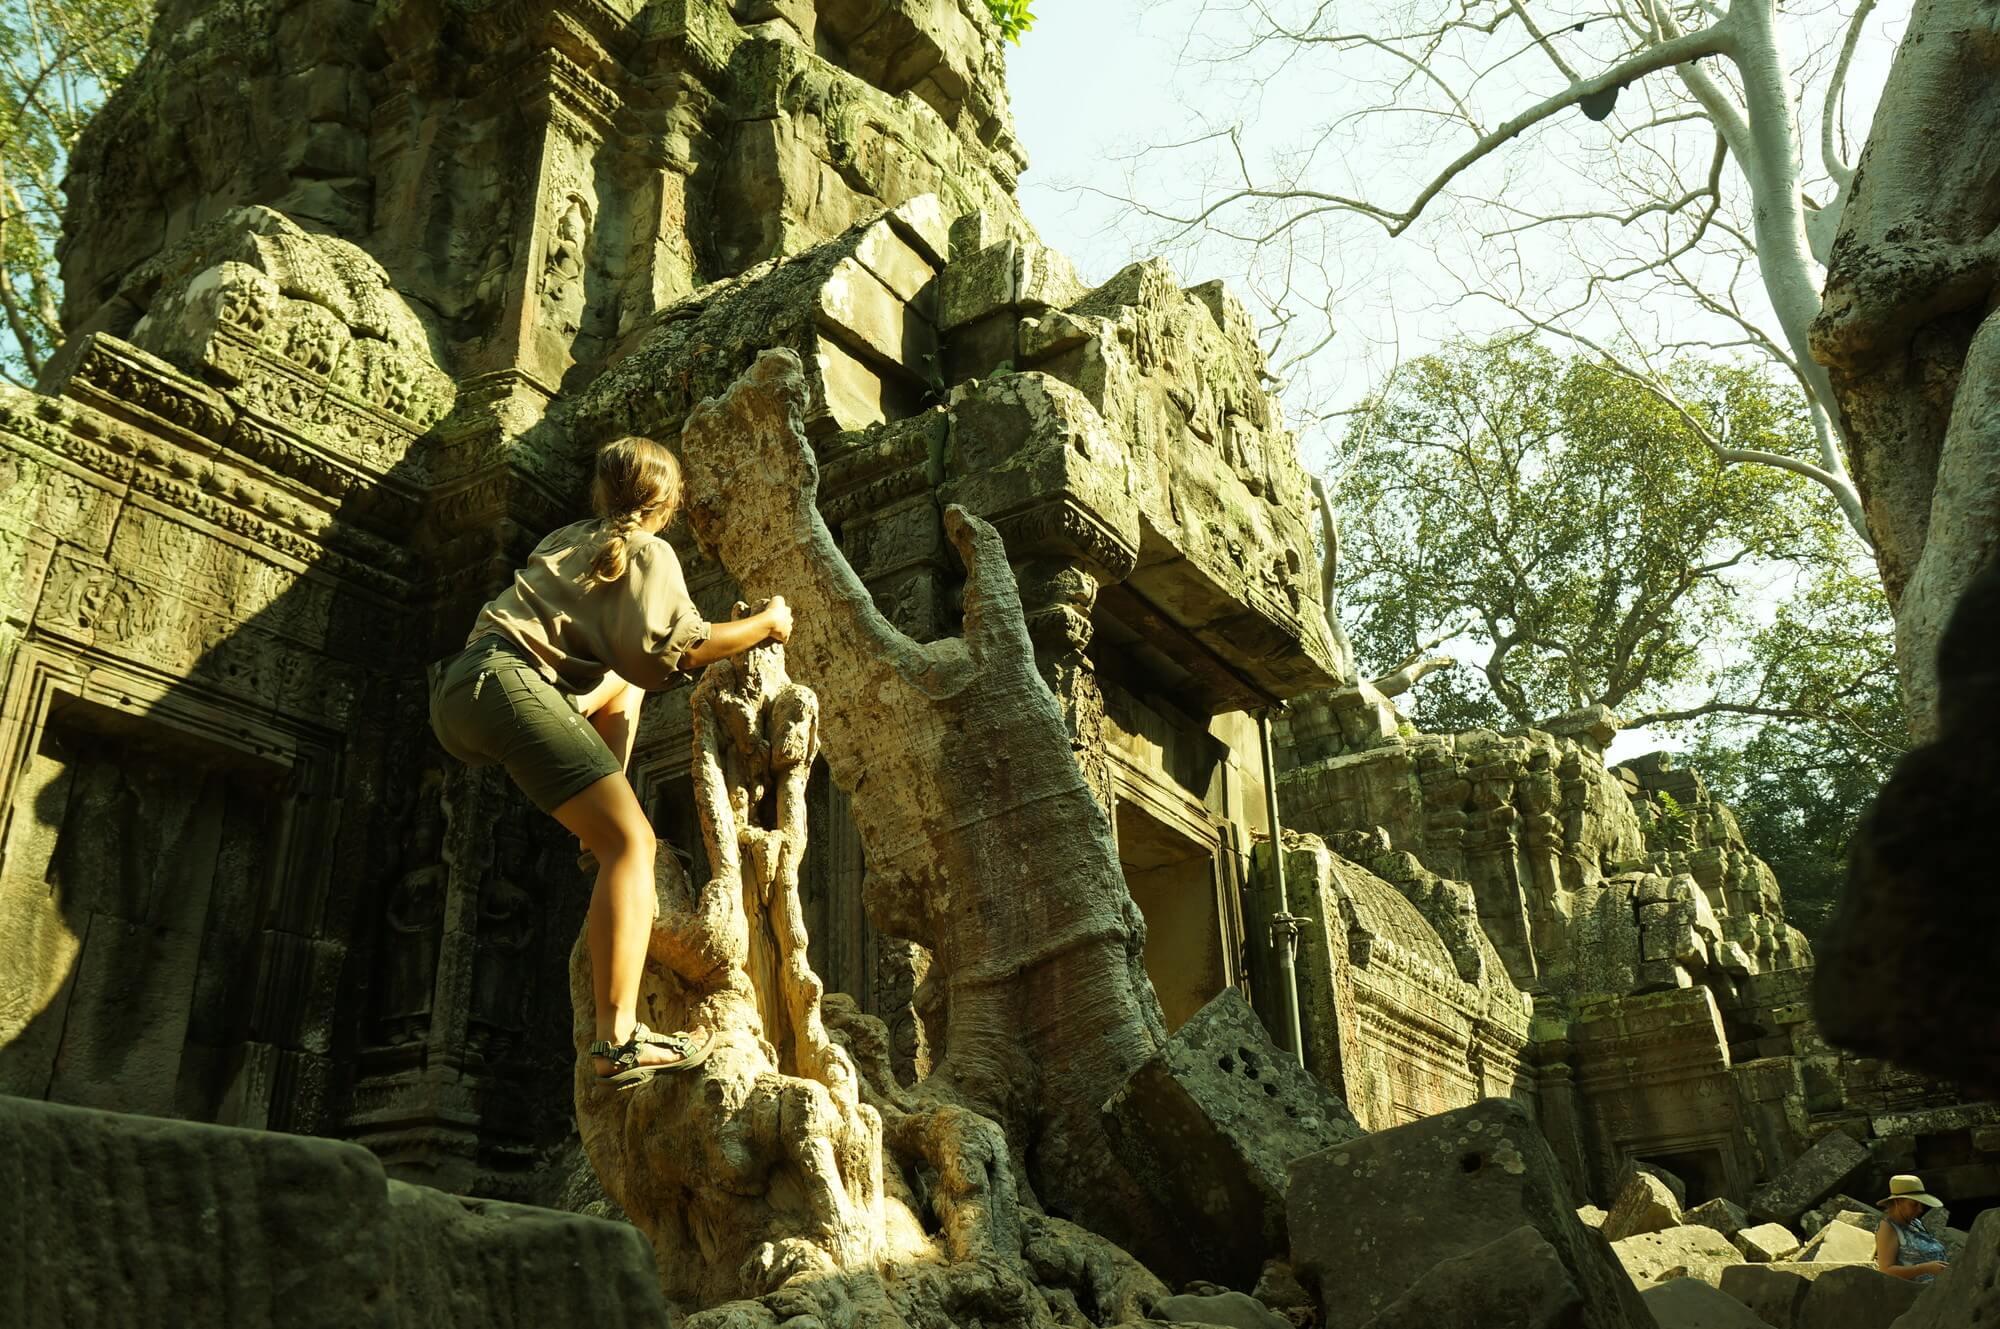 angkor-wat-tomb-raider-12